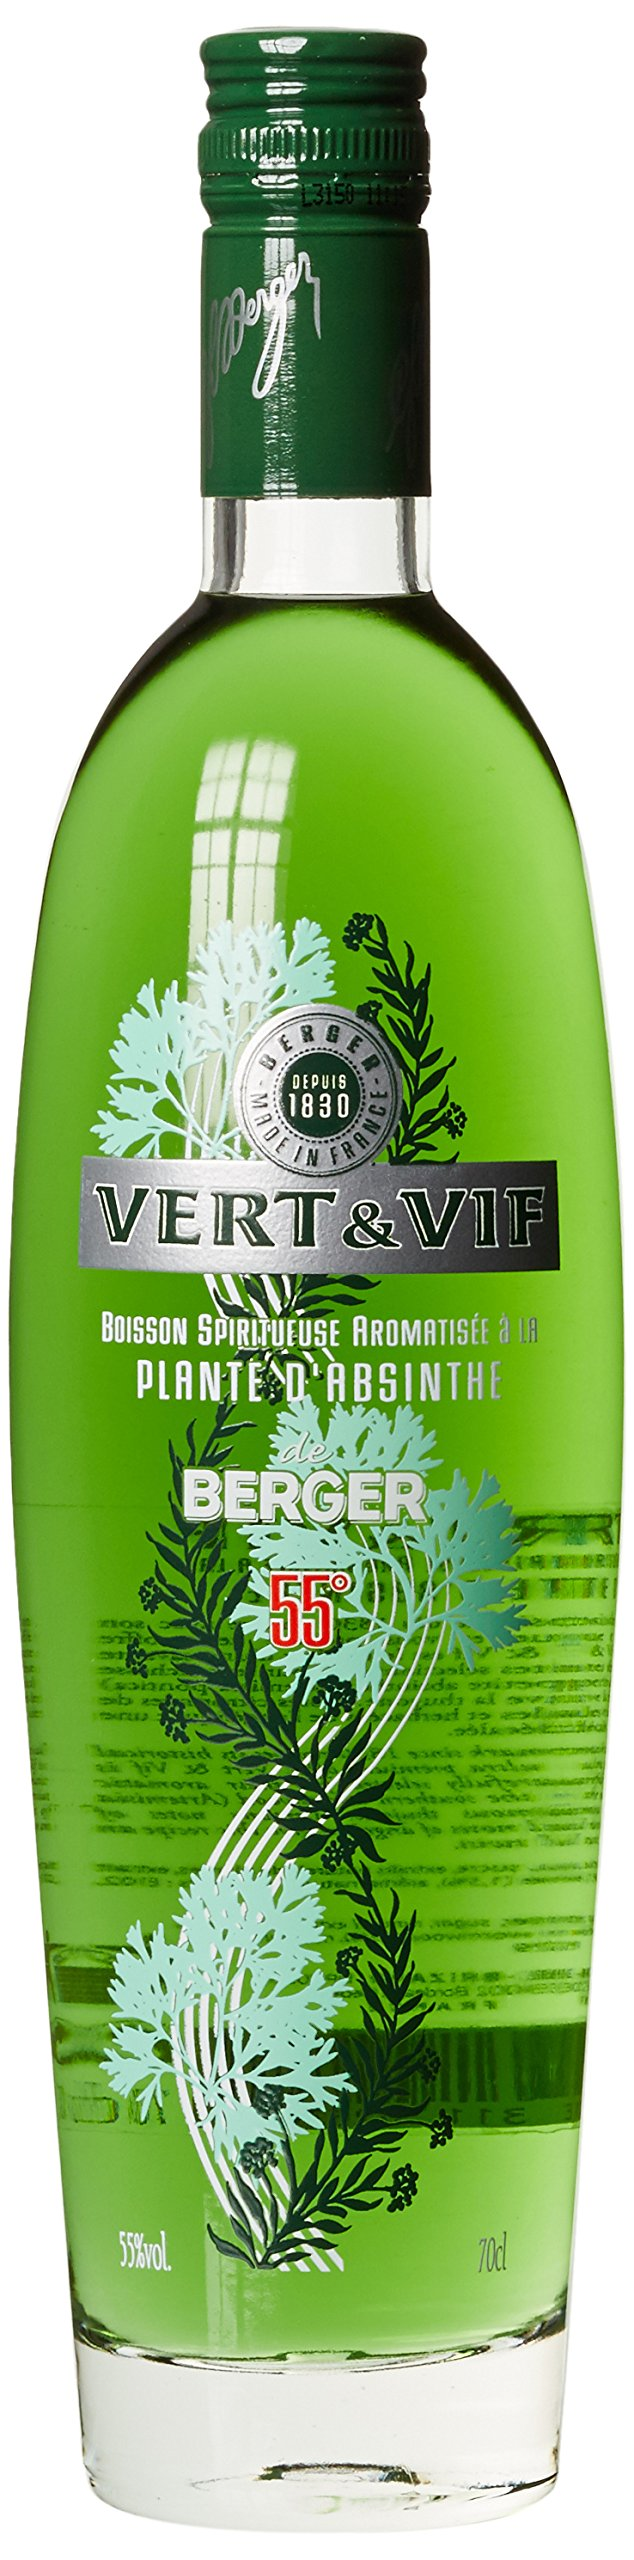 Berger-Vert-und-Vif-Absinthe-1-x-07-l